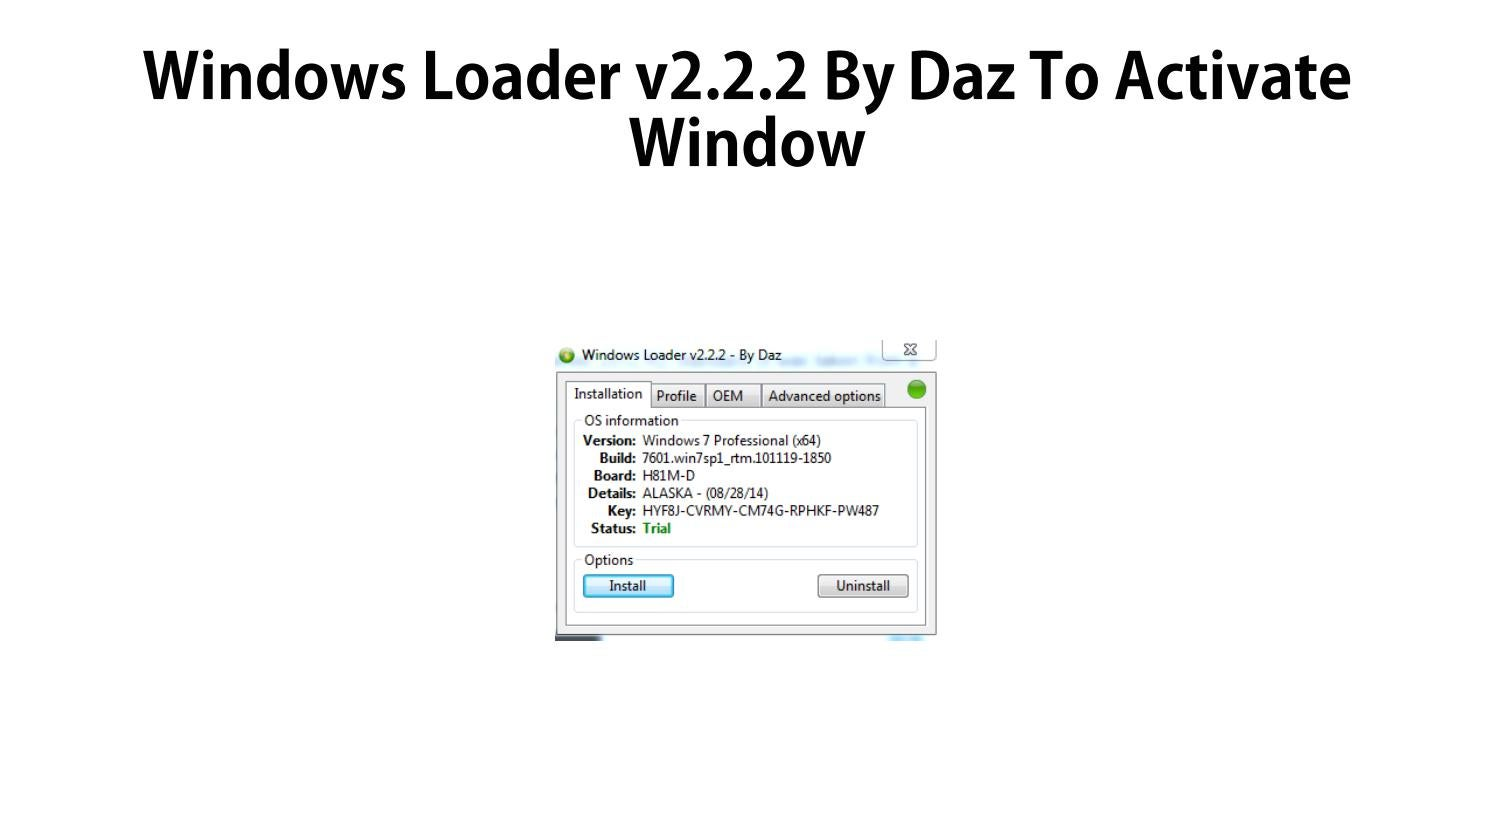 Windows Loader V2 2 2 By Daz By Howtoinstallwindows10 Issuu